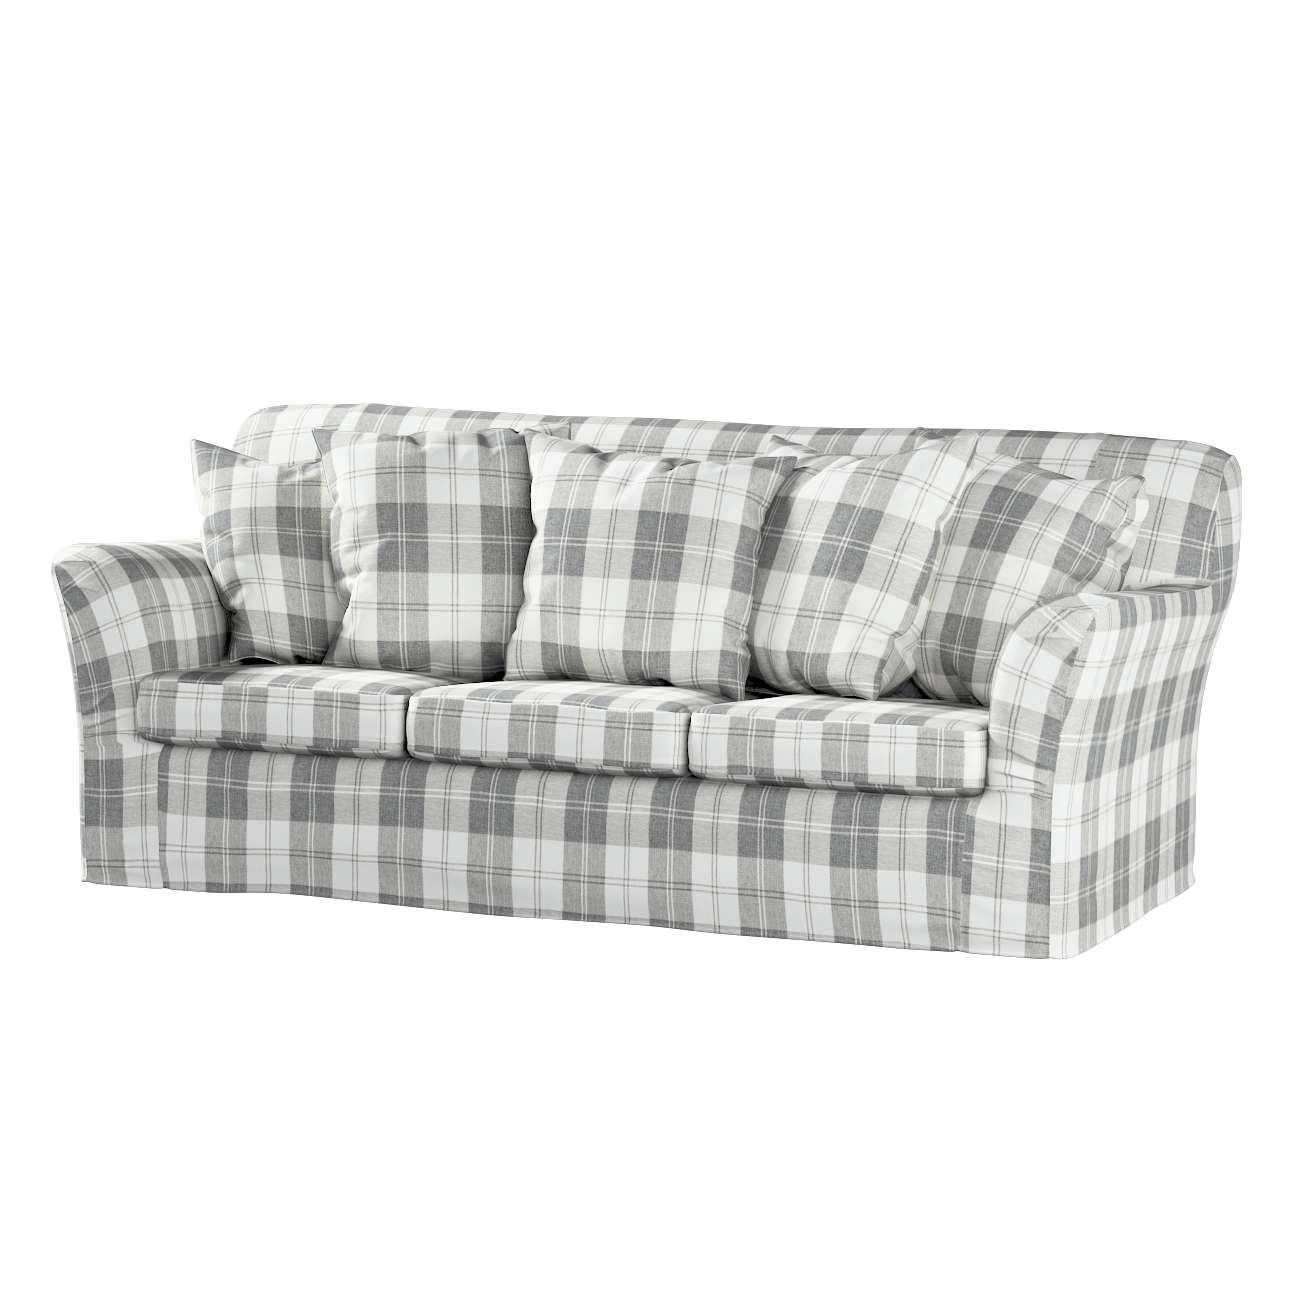 Pokrowiec na sofę Tomelilla 3-osobową nierozkładaną Sofa Tomelilla 3-osobowa w kolekcji Edinburgh, tkanina: 115-79